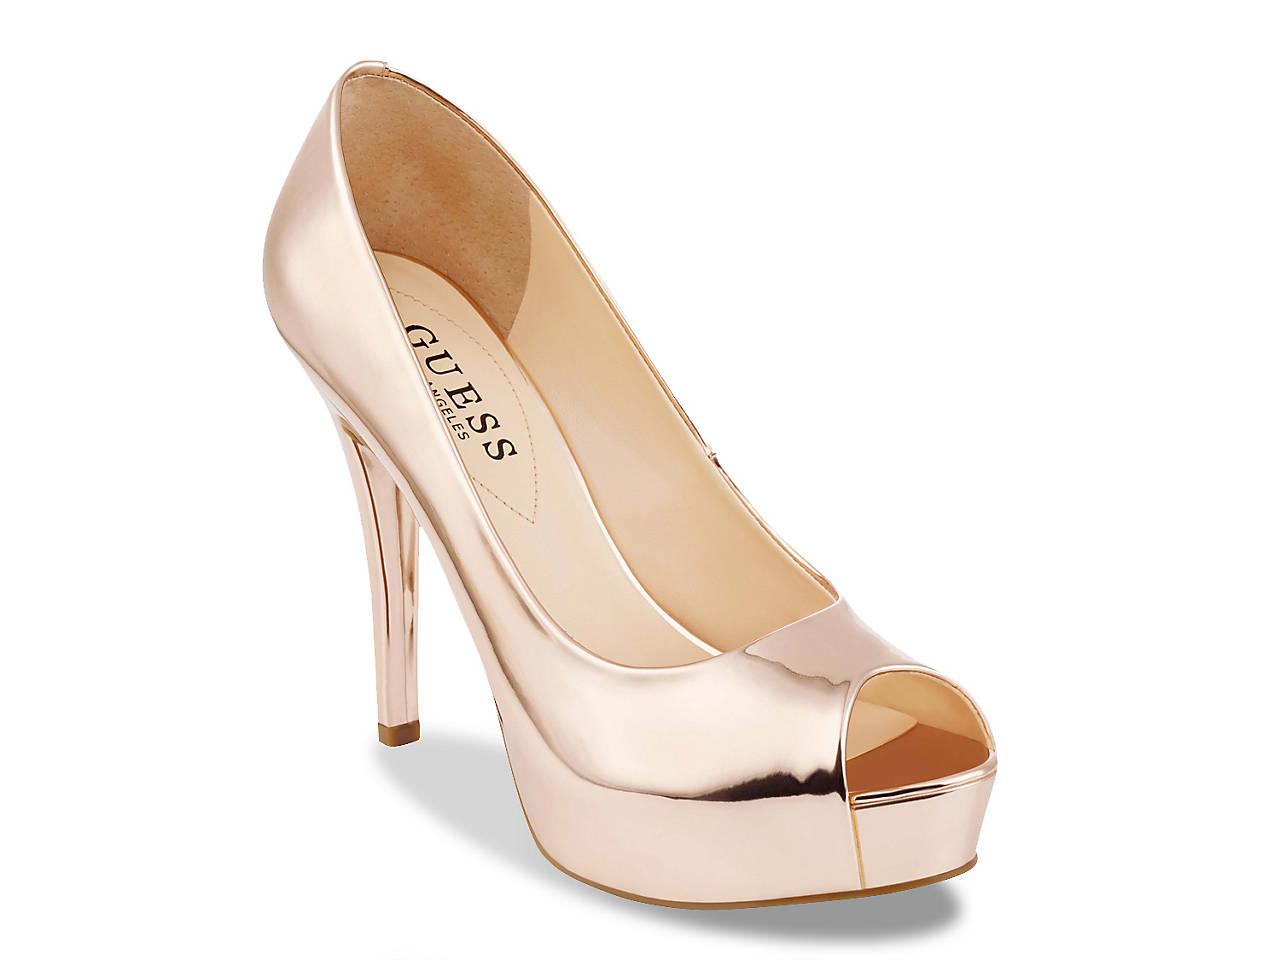 29642f1de26 Guess Patches Platform Pump Women s Shoes